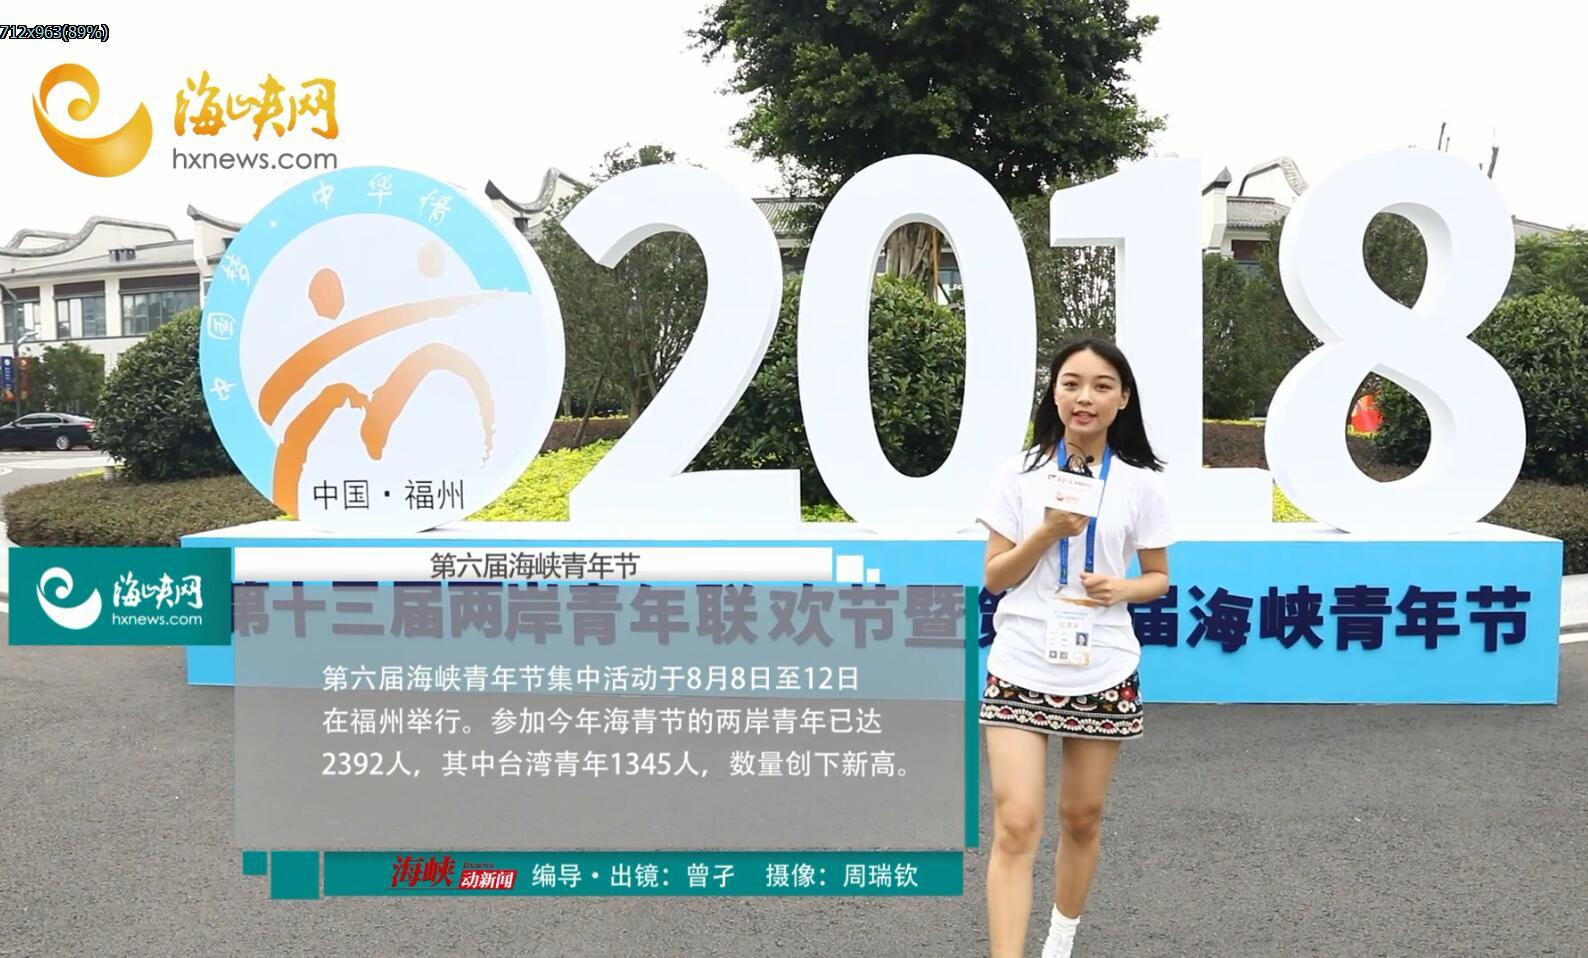 第六屆海峽青年節-兩岸青年互動交流